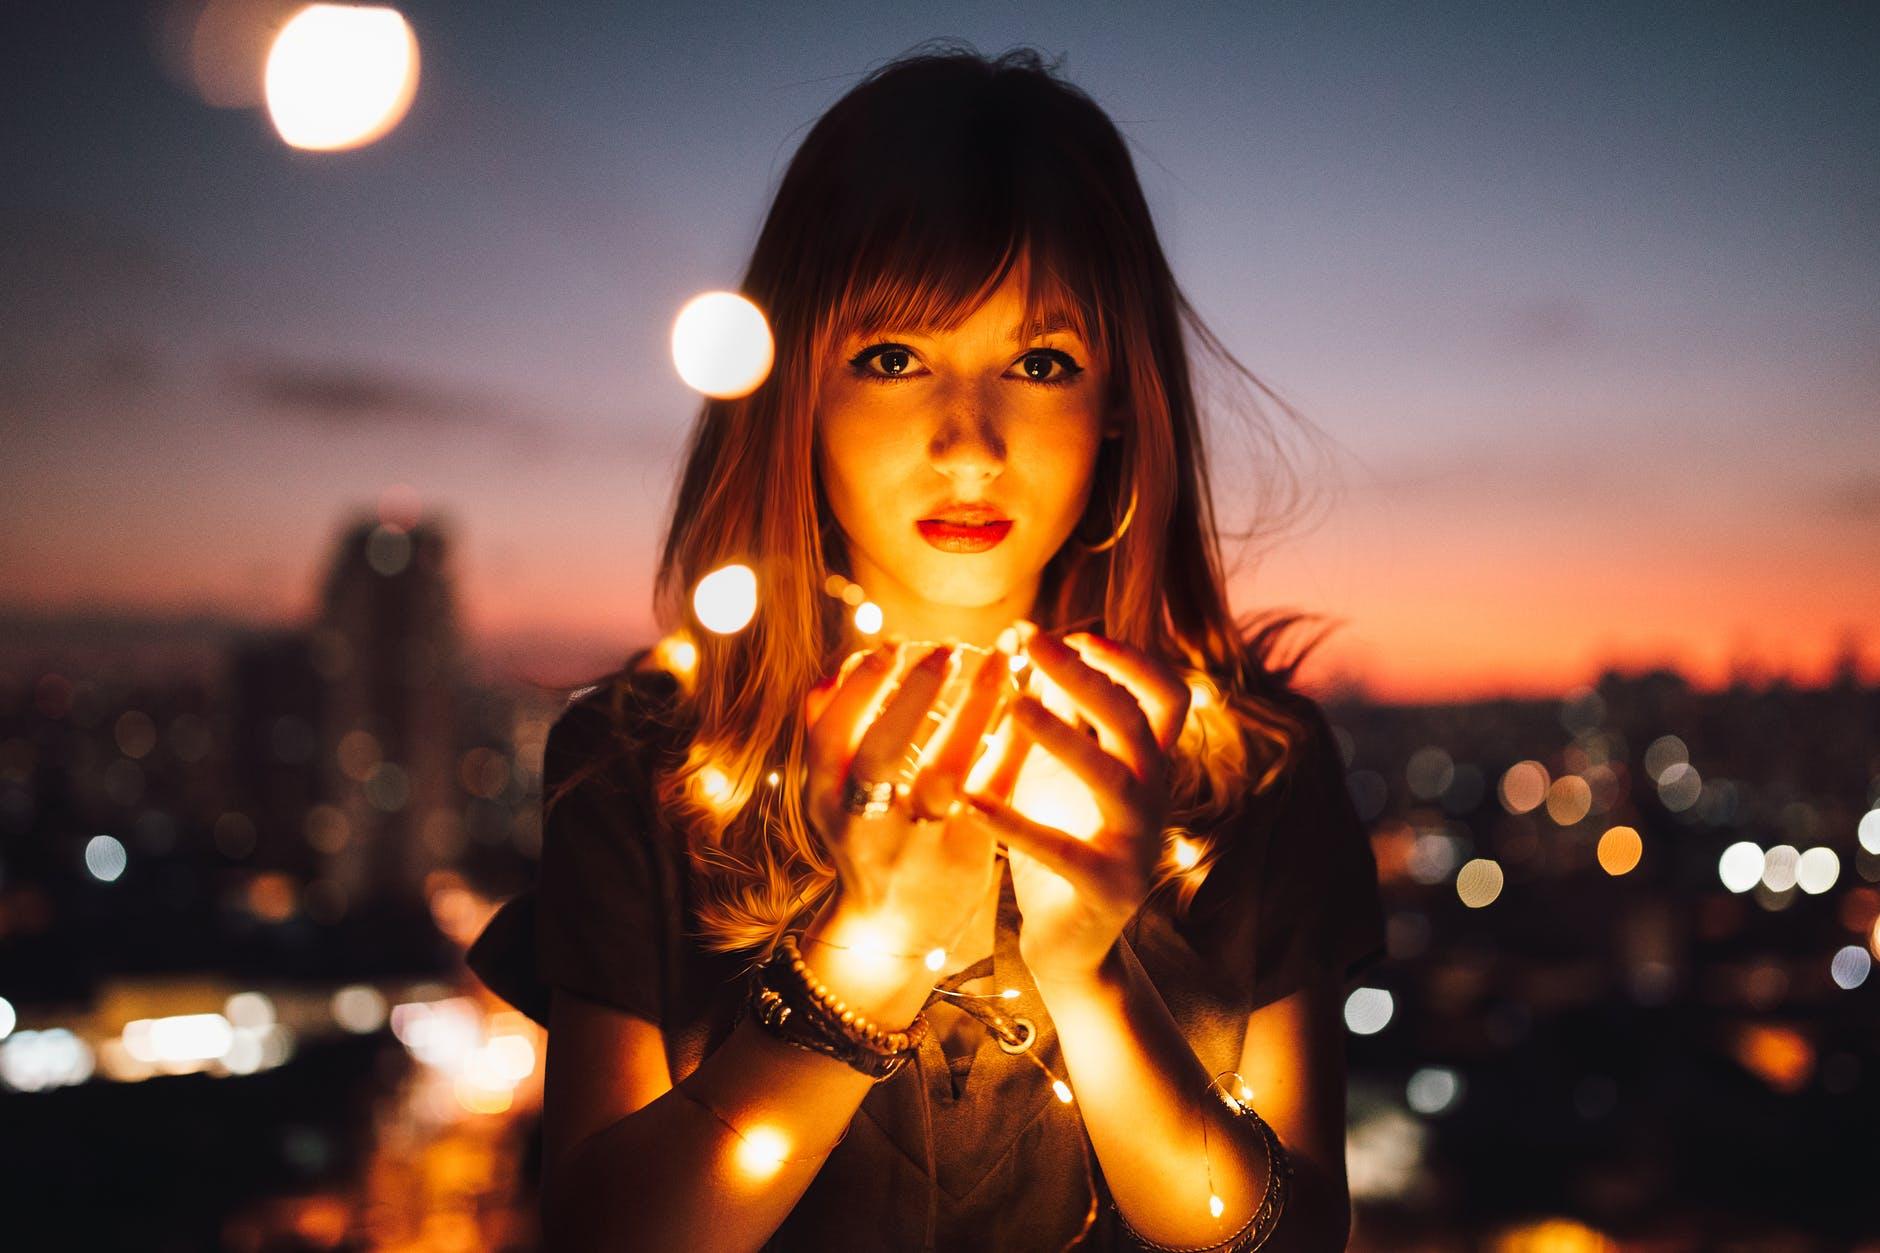 Povezanost snova, astrologije, alkemije i mitologije